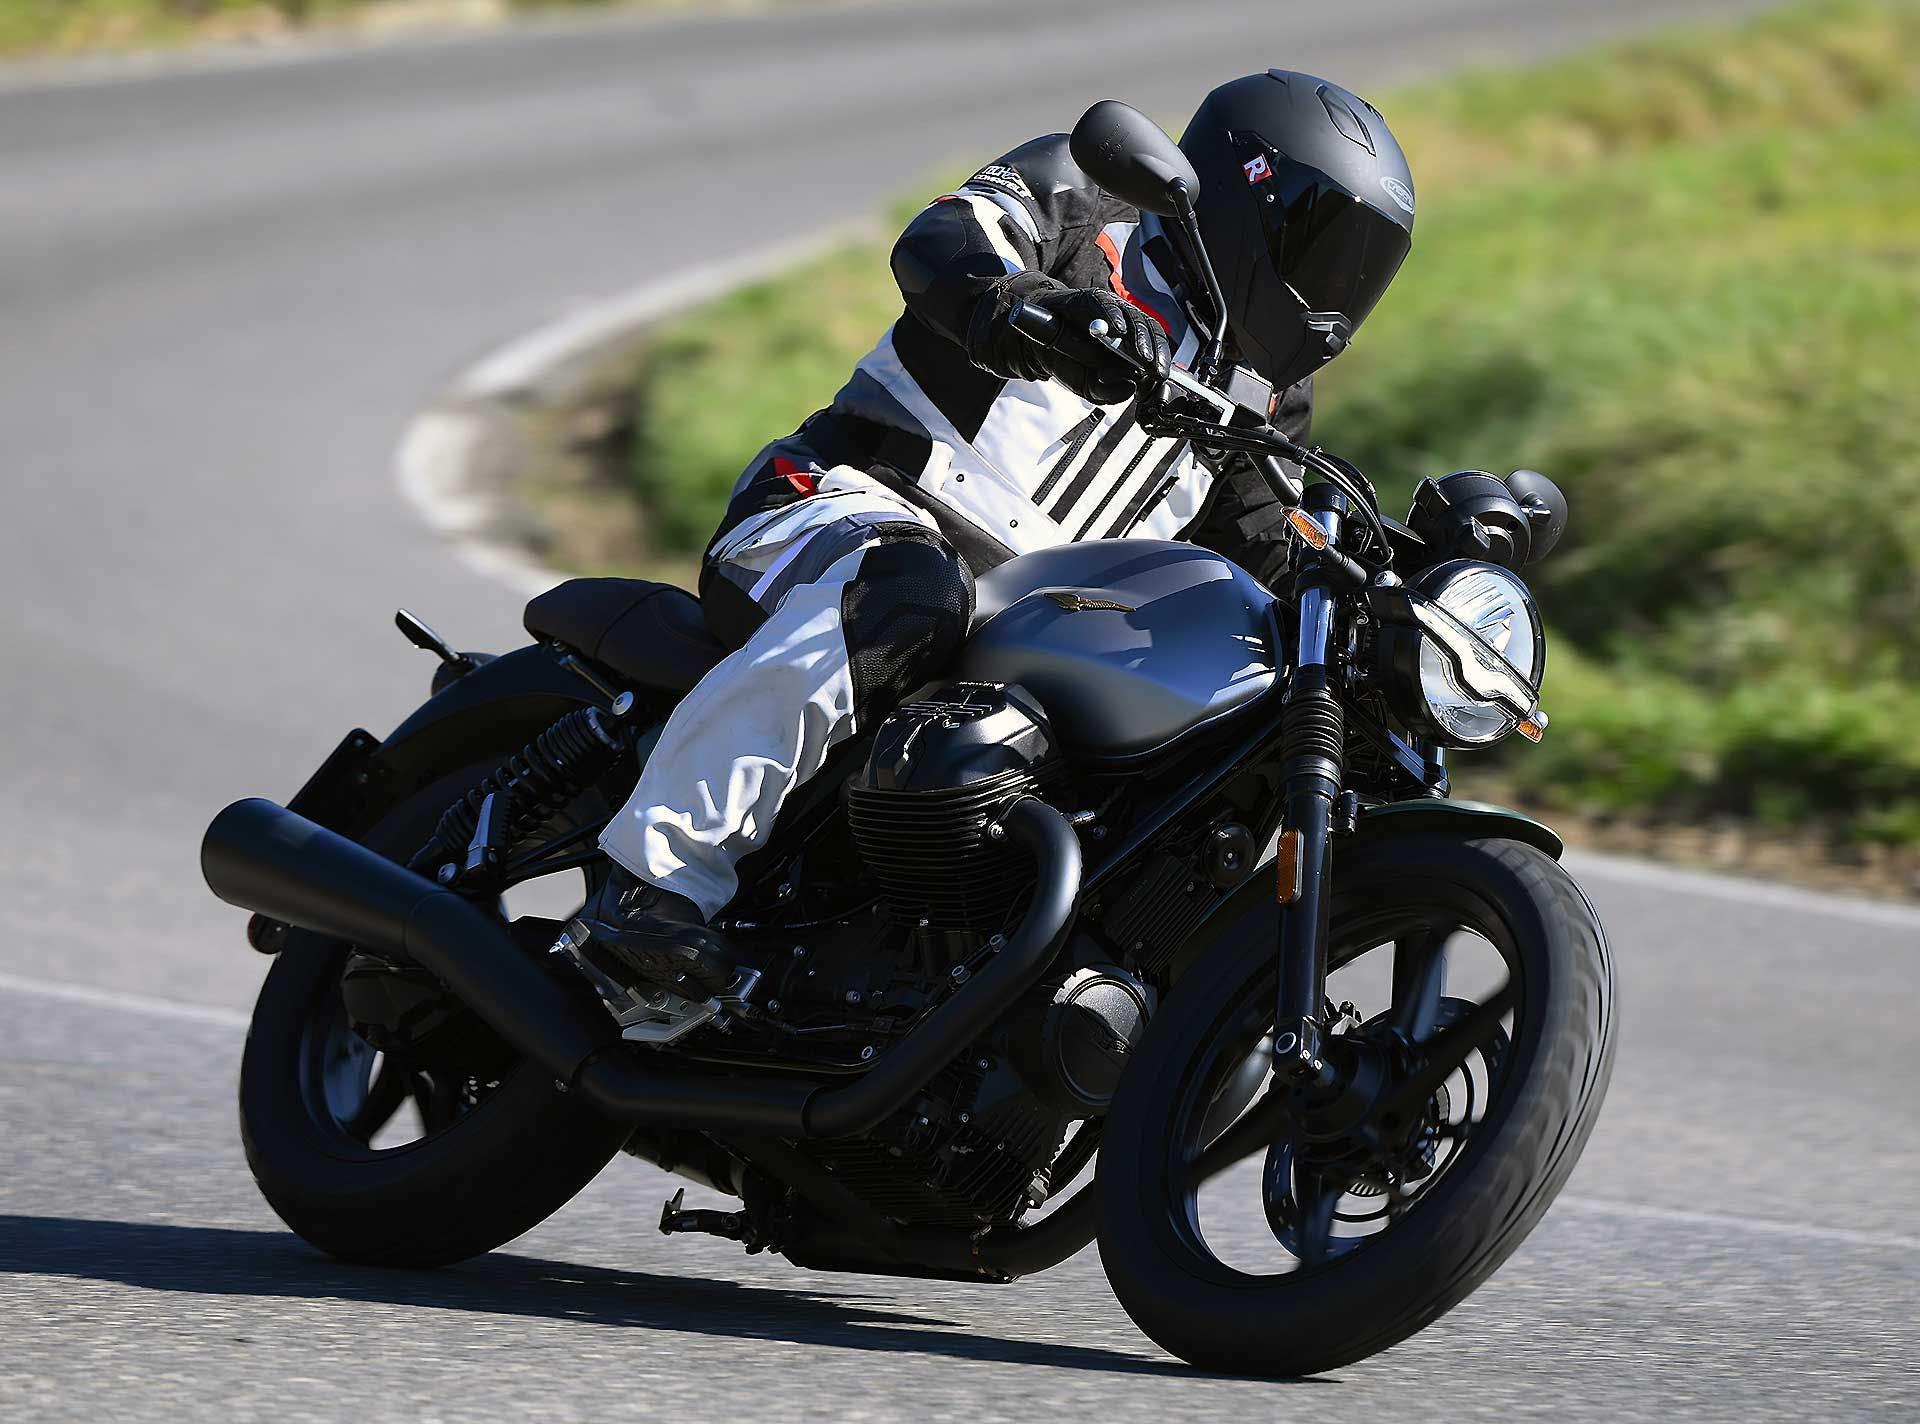 Moto Guzzi V7 Stone 2021 colori centenario